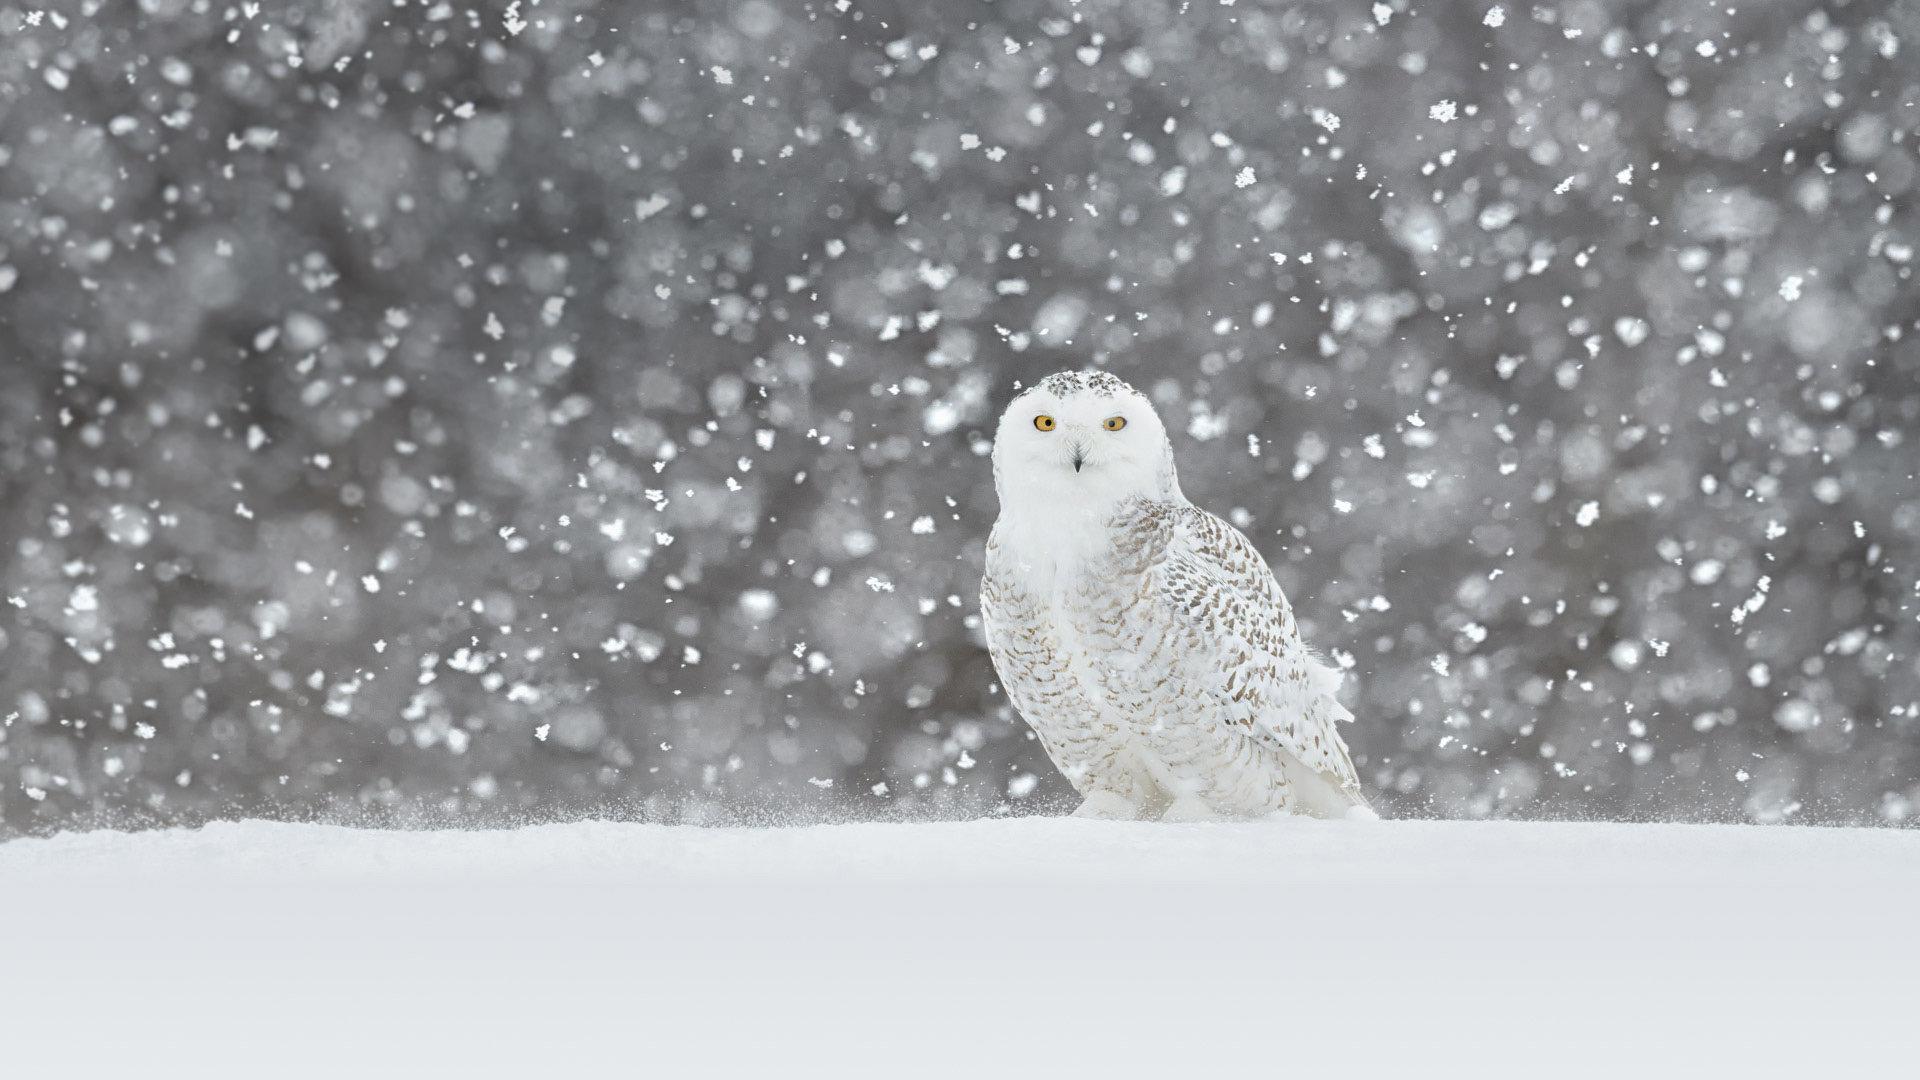 冰天雪地中的洁白天使